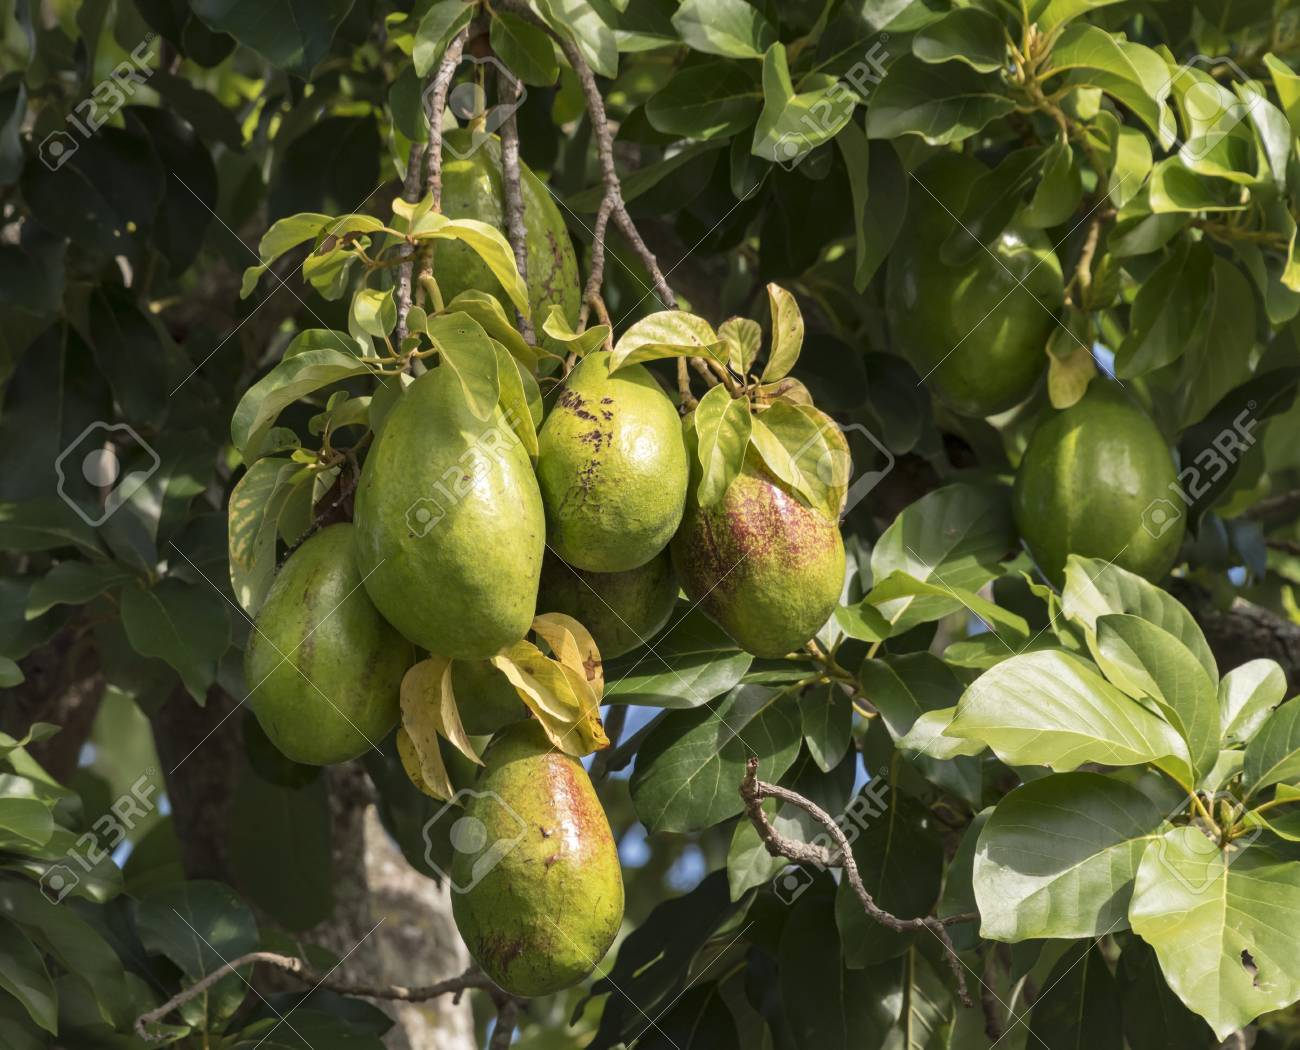 fruits frais d'avocat qui pousse sur un arbre. avocat jamaïcain ou